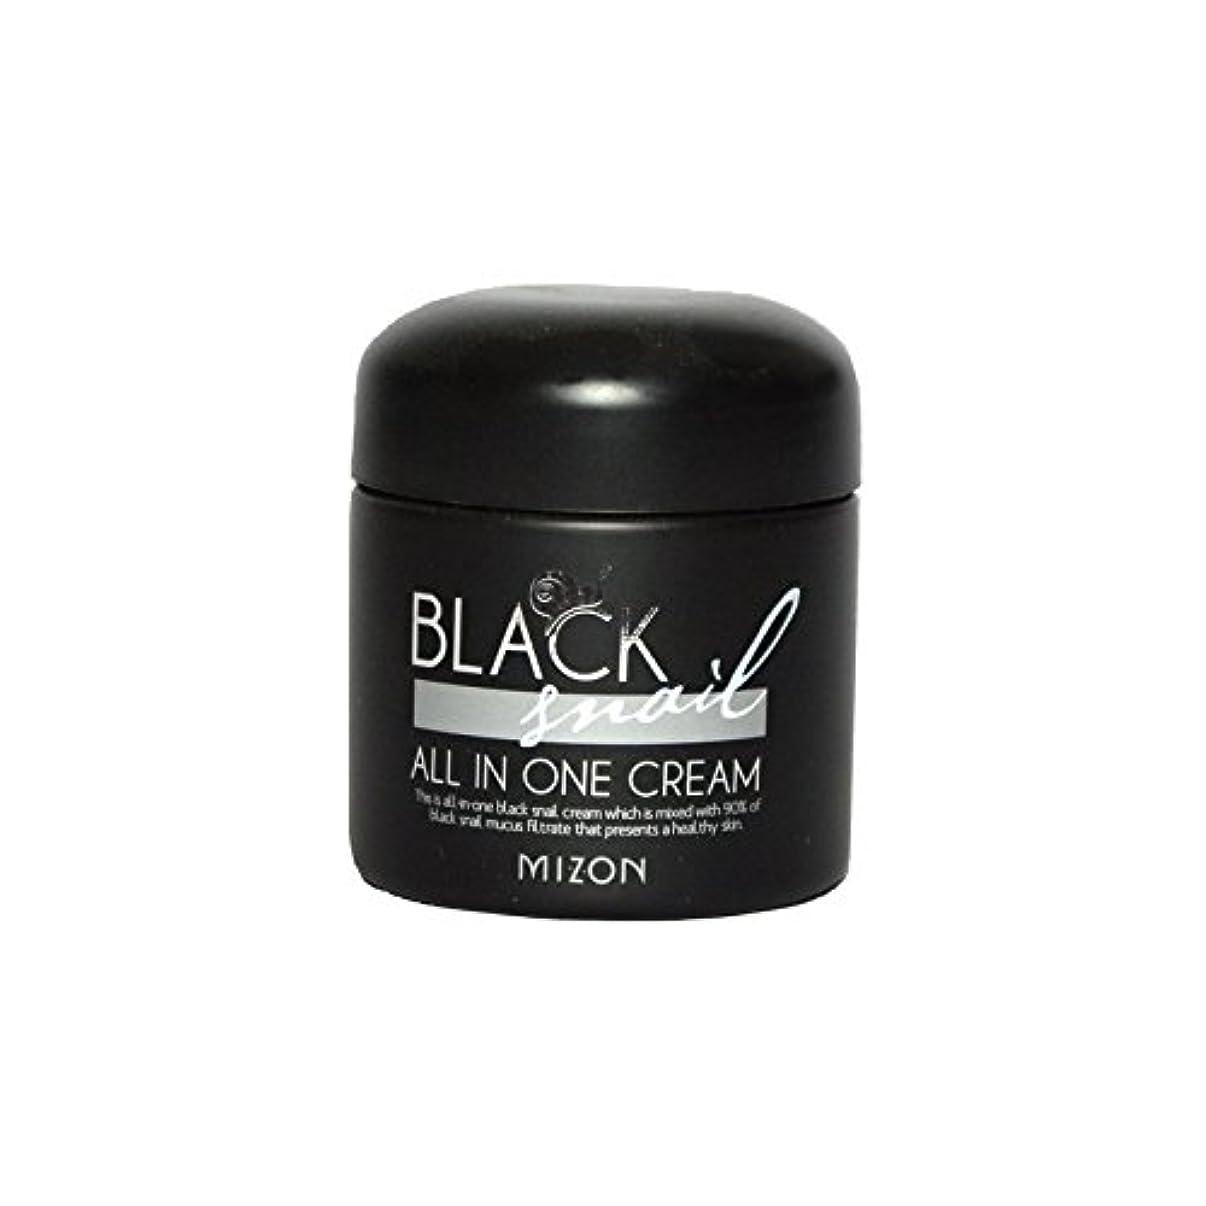 マートサラミ必要とするMizon Black Snail All in One Cream - 黒カタツムリオールインワンクリーム [並行輸入品]